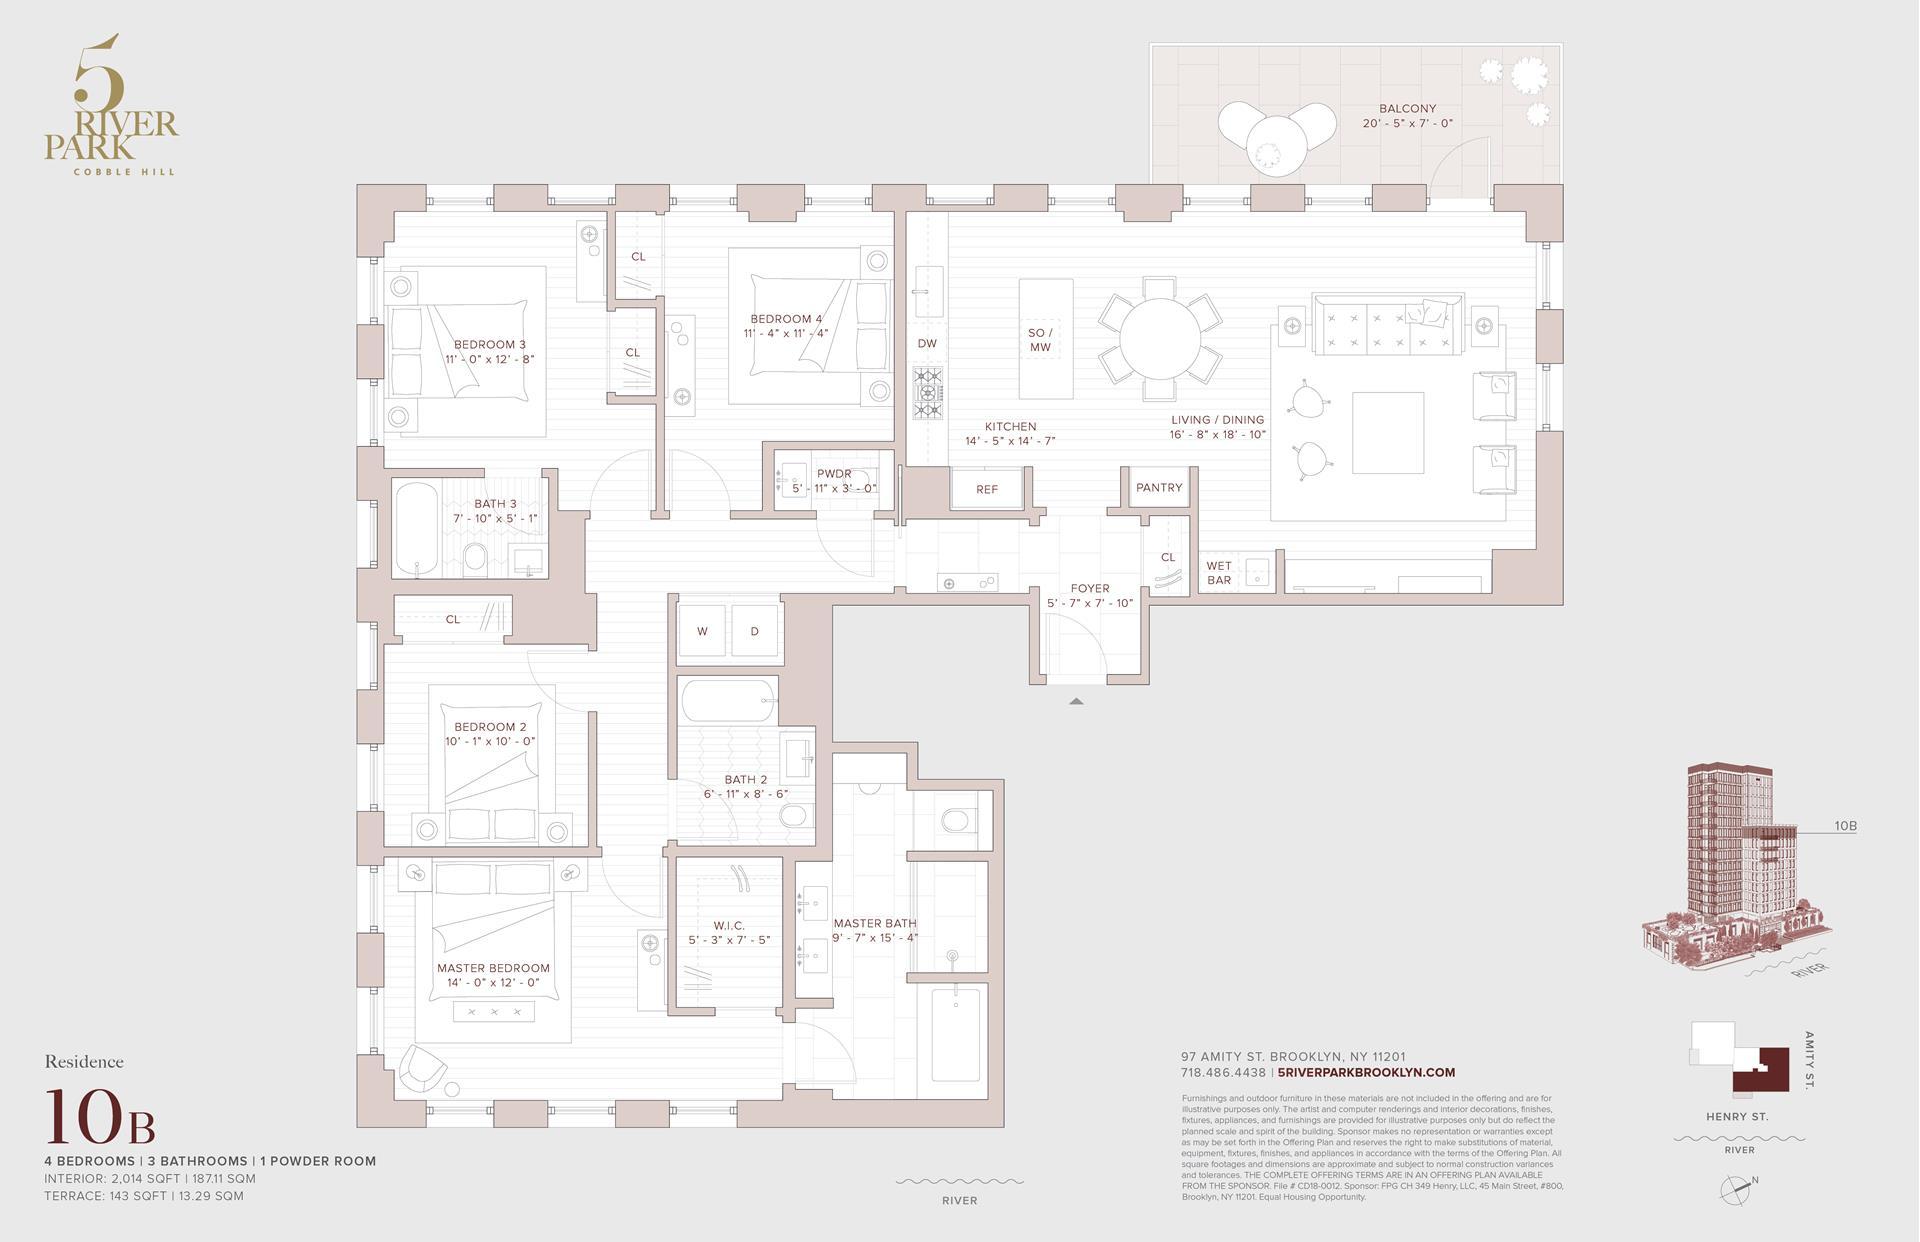 Floor plan of 5 River Park, 347 Henry Street, 10B - Cobble Hill, New York